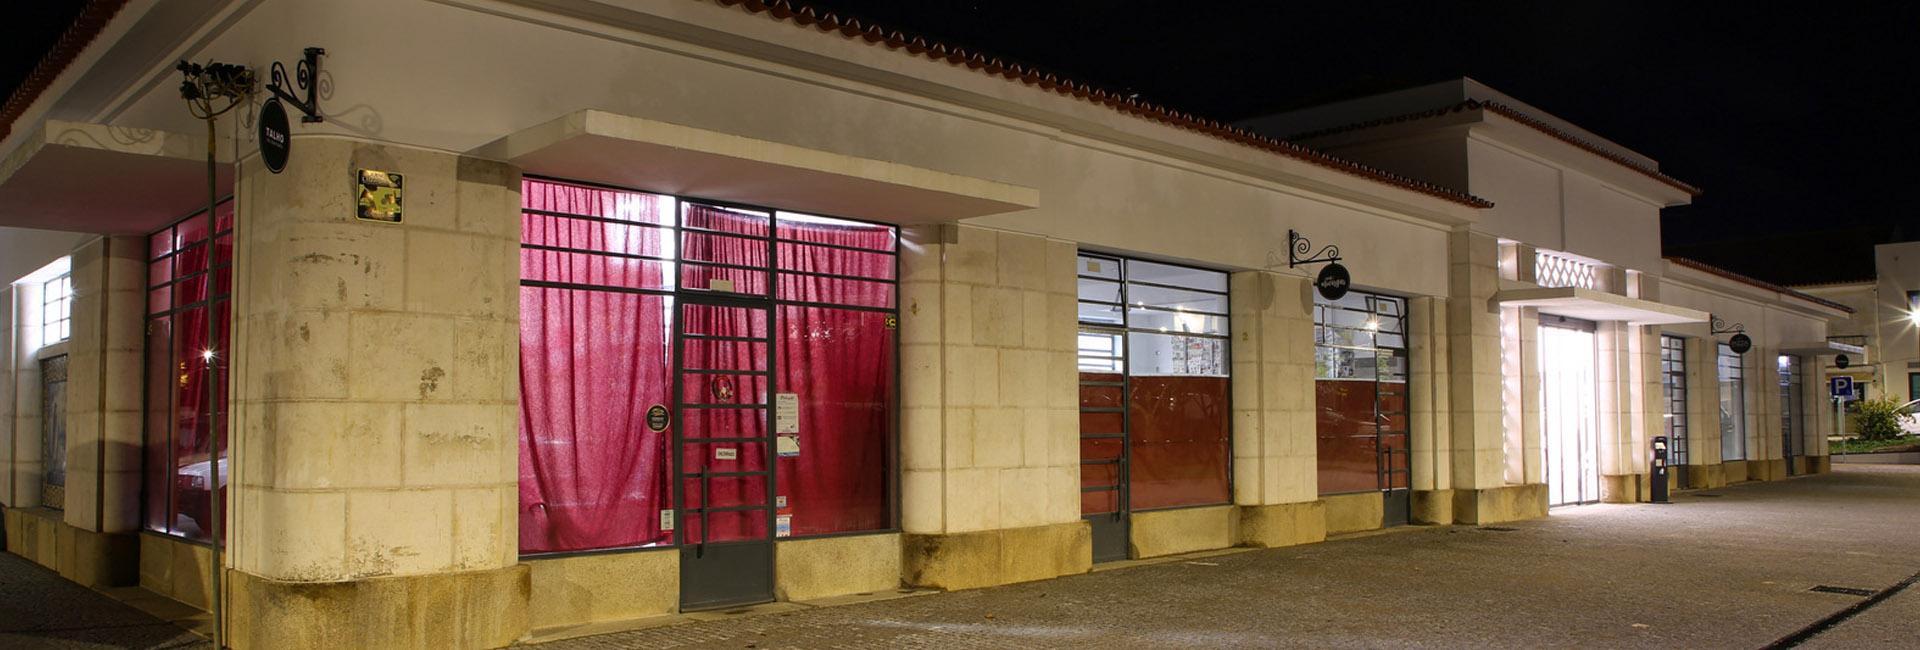 Mercado Municipal – Abertura de Concurso para adjudicação do direito de exploração da loja/fração F